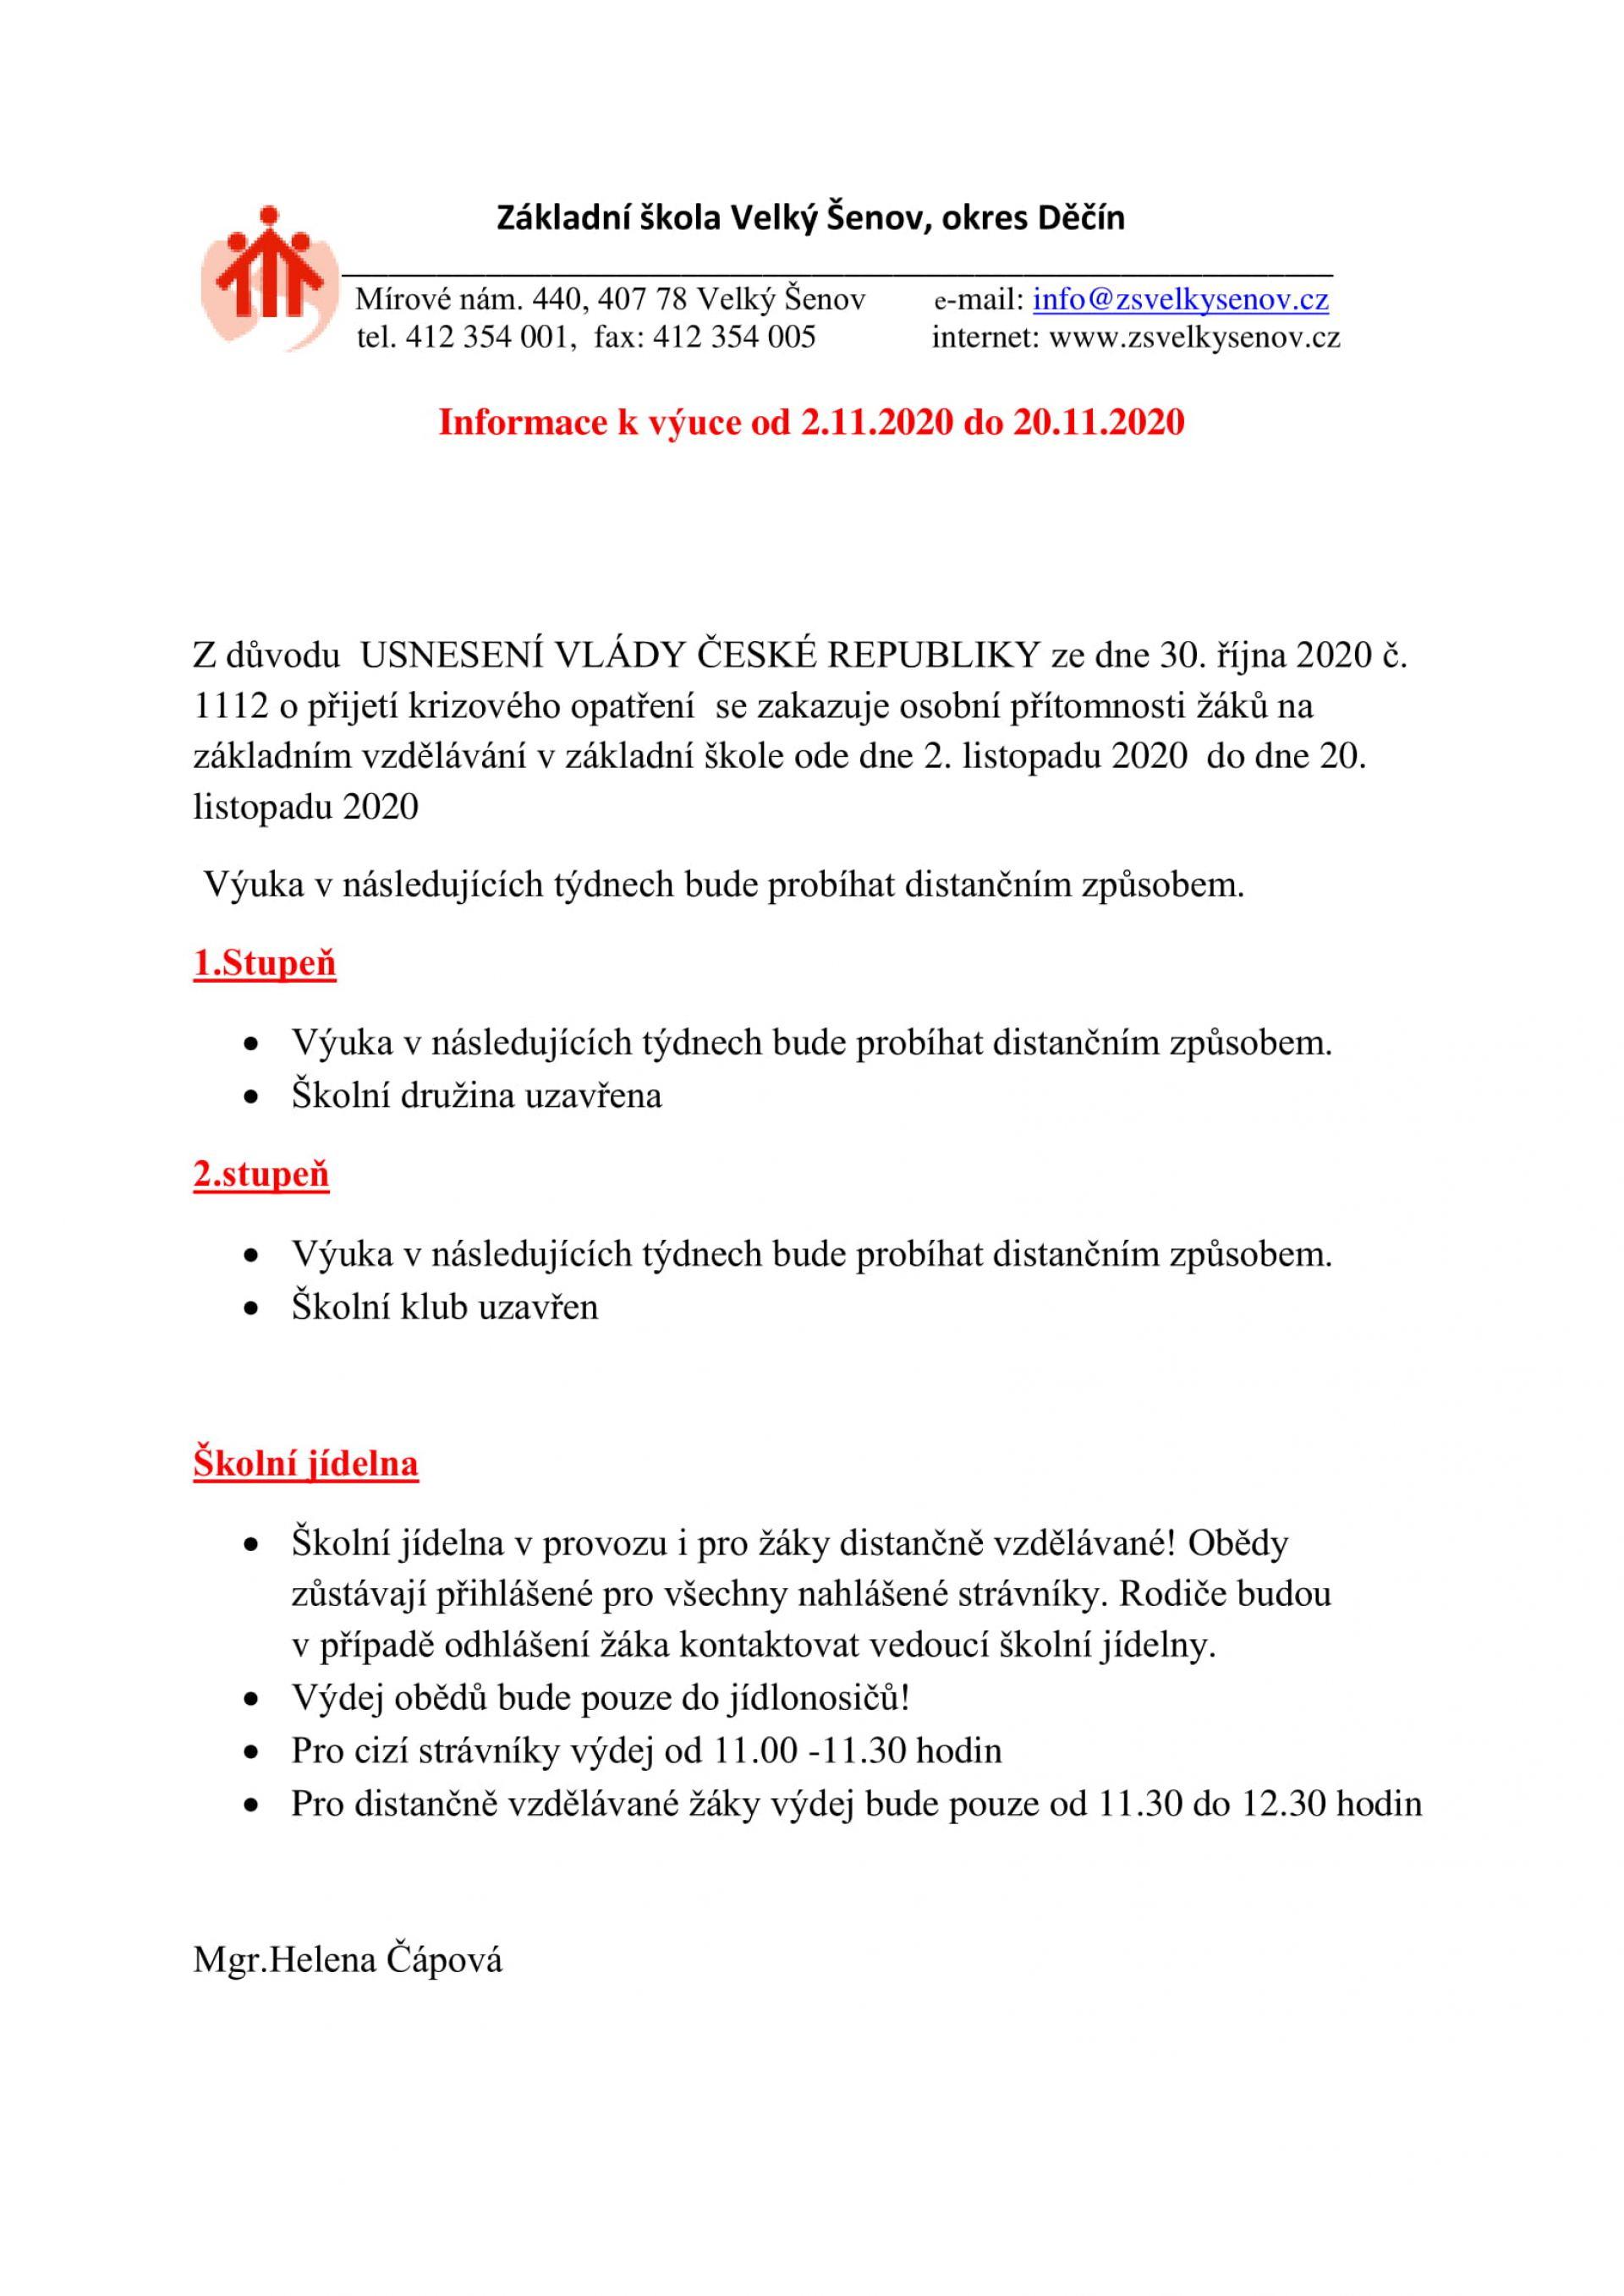 Informace k výuce od 2.11.2020